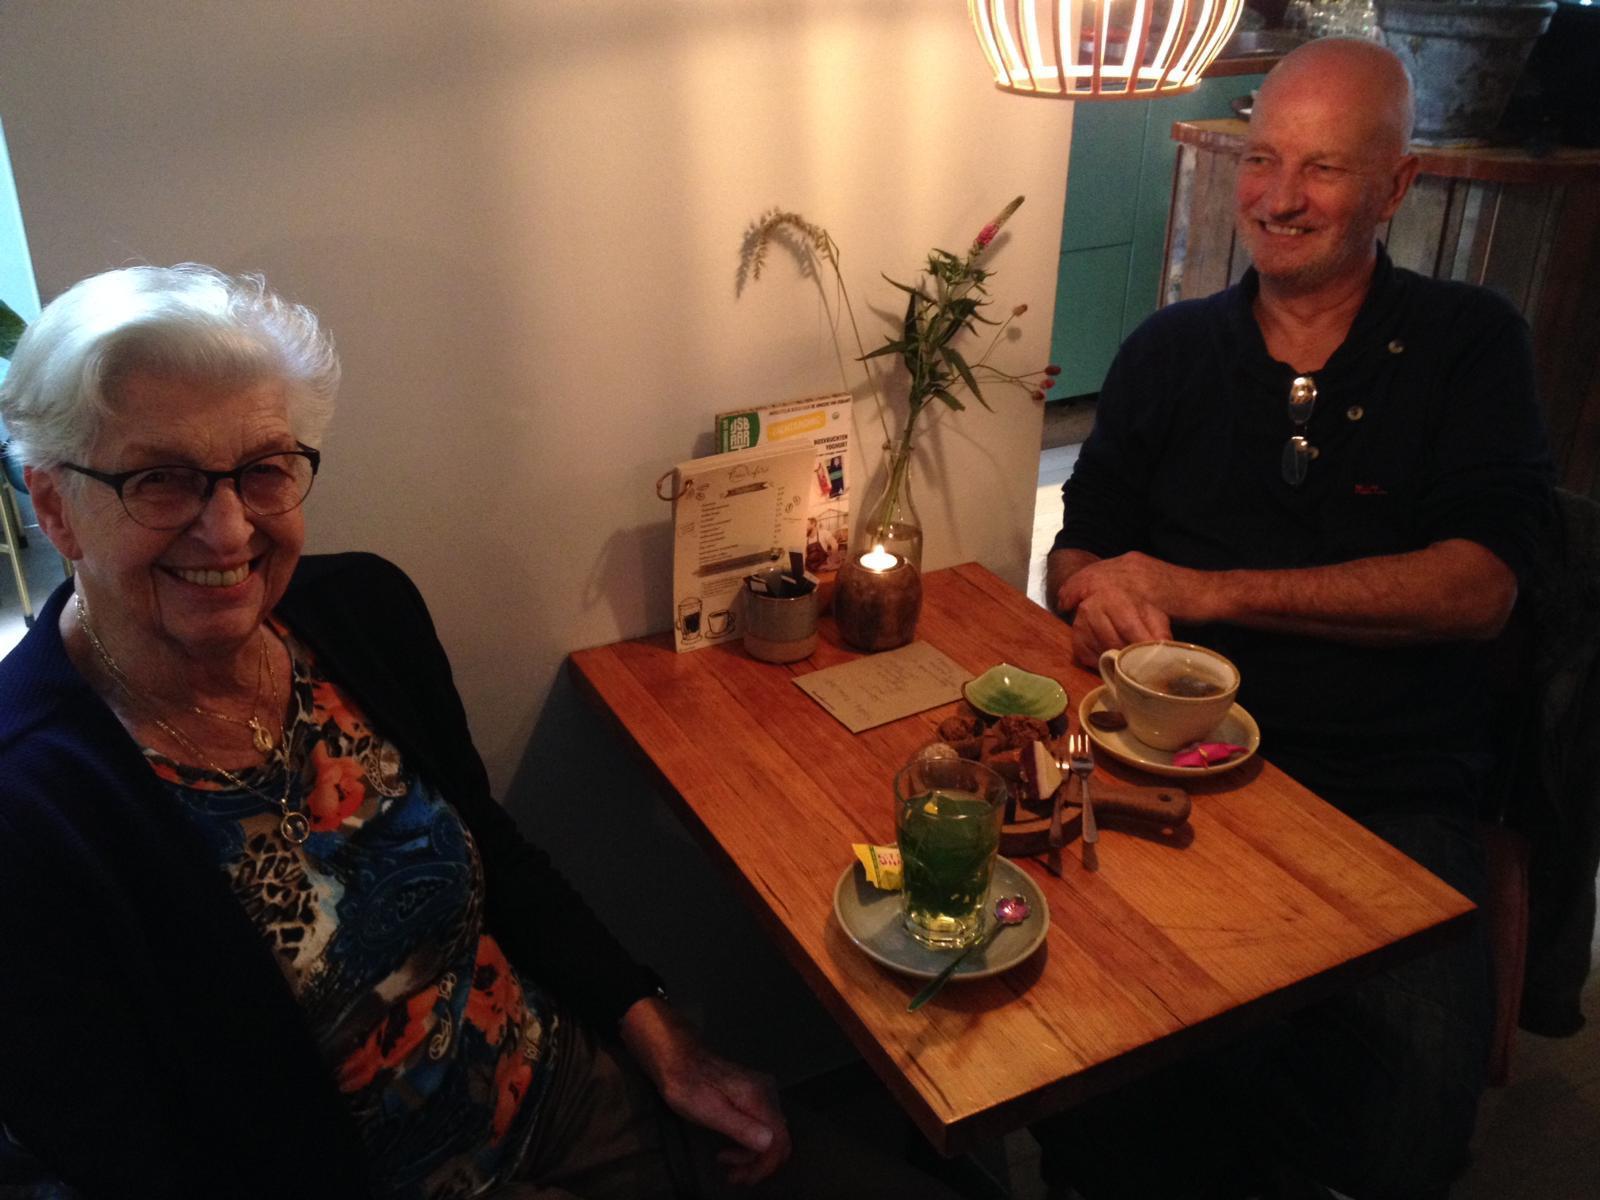 Ontmoeting-Mw-Huyboom-met-Jos-Tukker-bij-Nissa-Cafe-26okt2019